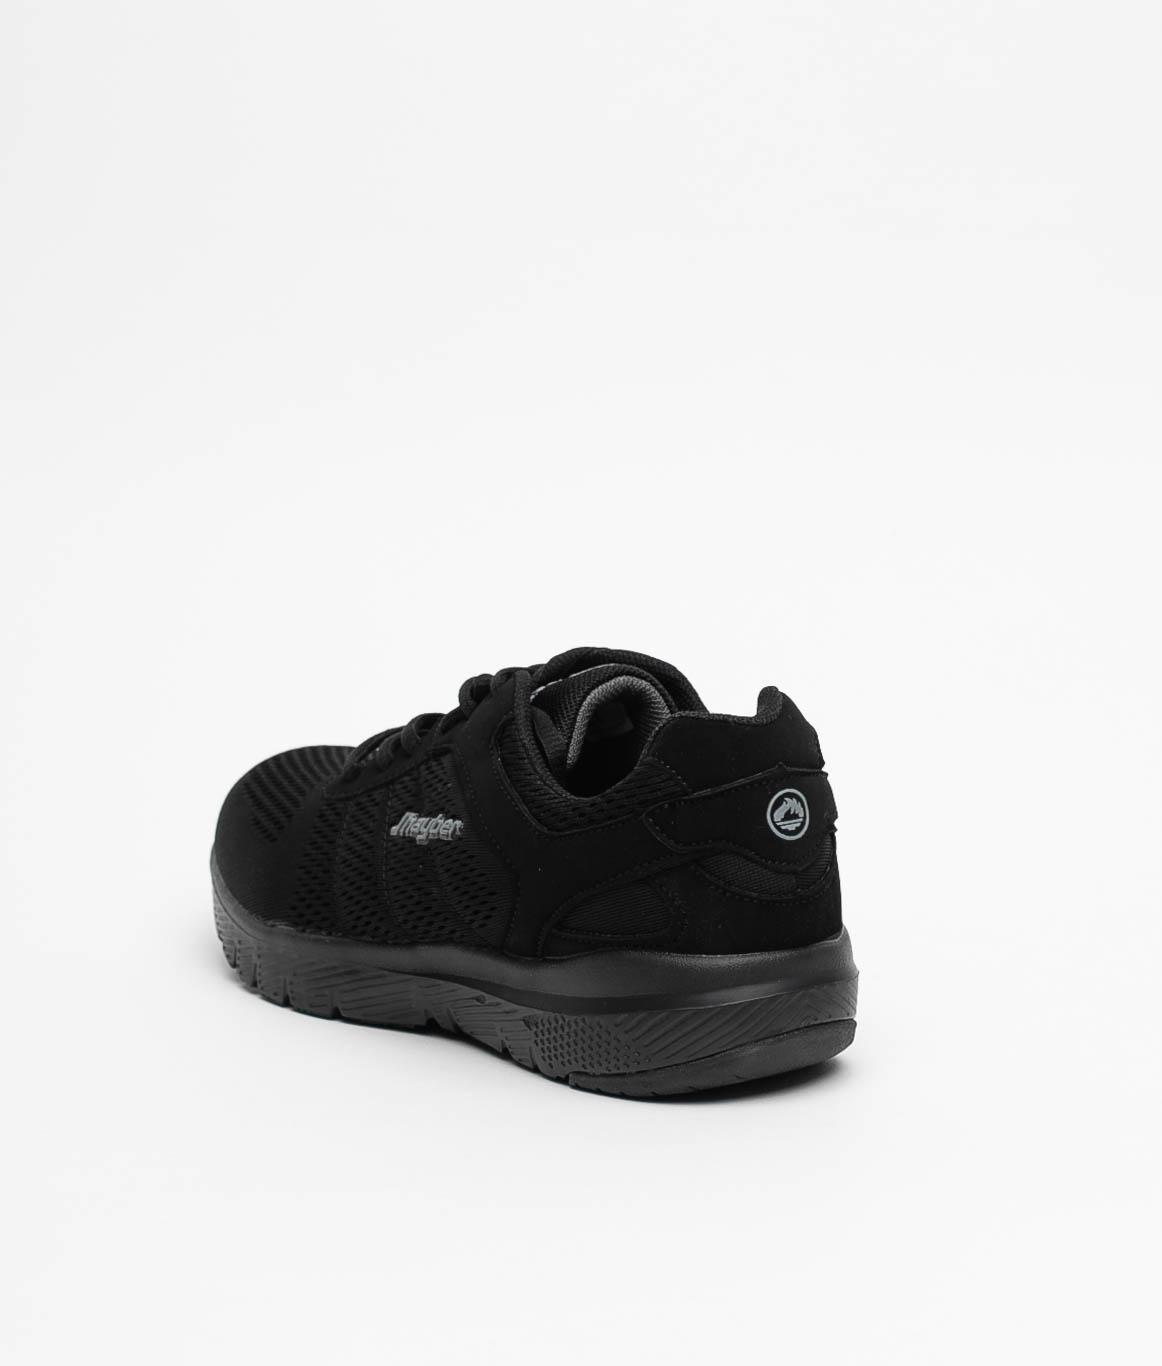 Sneakers Teler J'hayber - Black